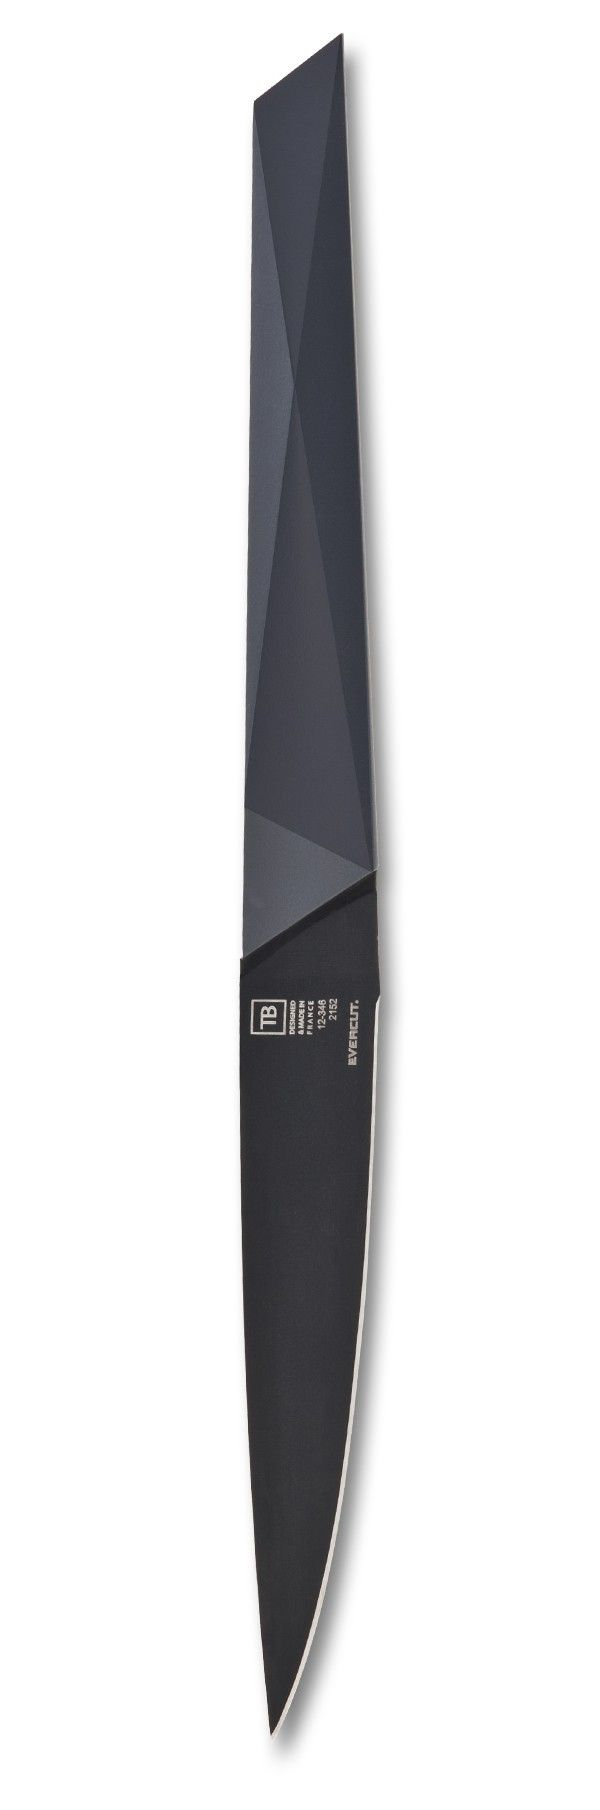 Couteau polyvalent 11 cm EVERCUT